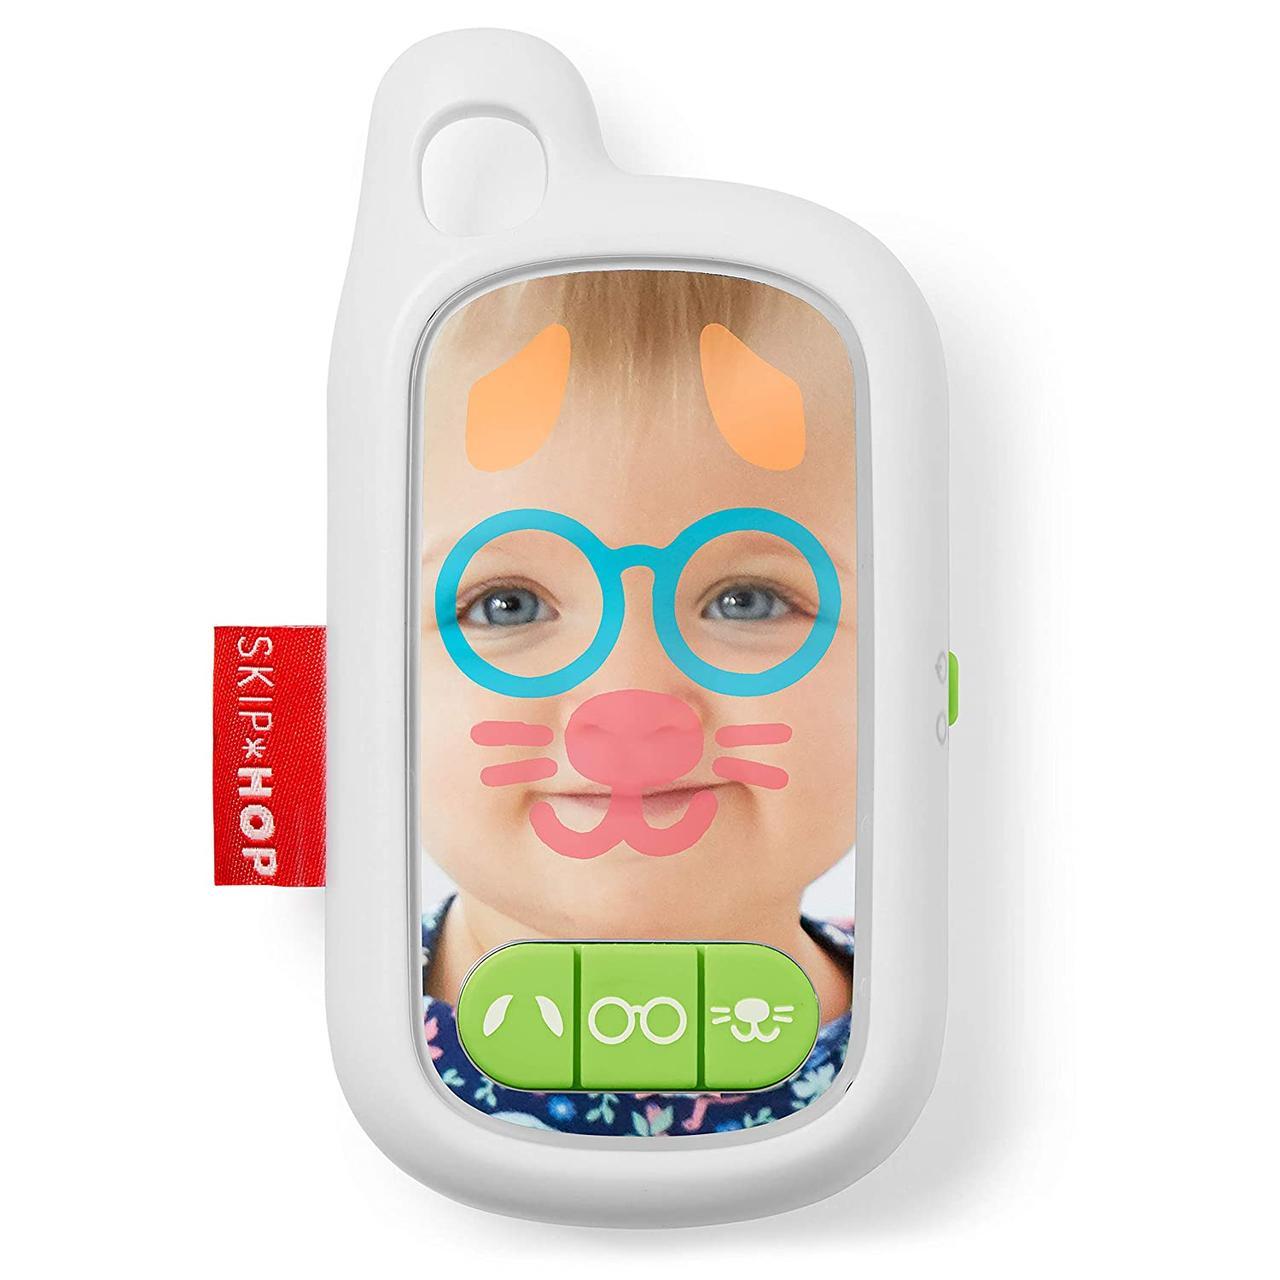 Інтерактивний дитячий телефон з селфікамерою